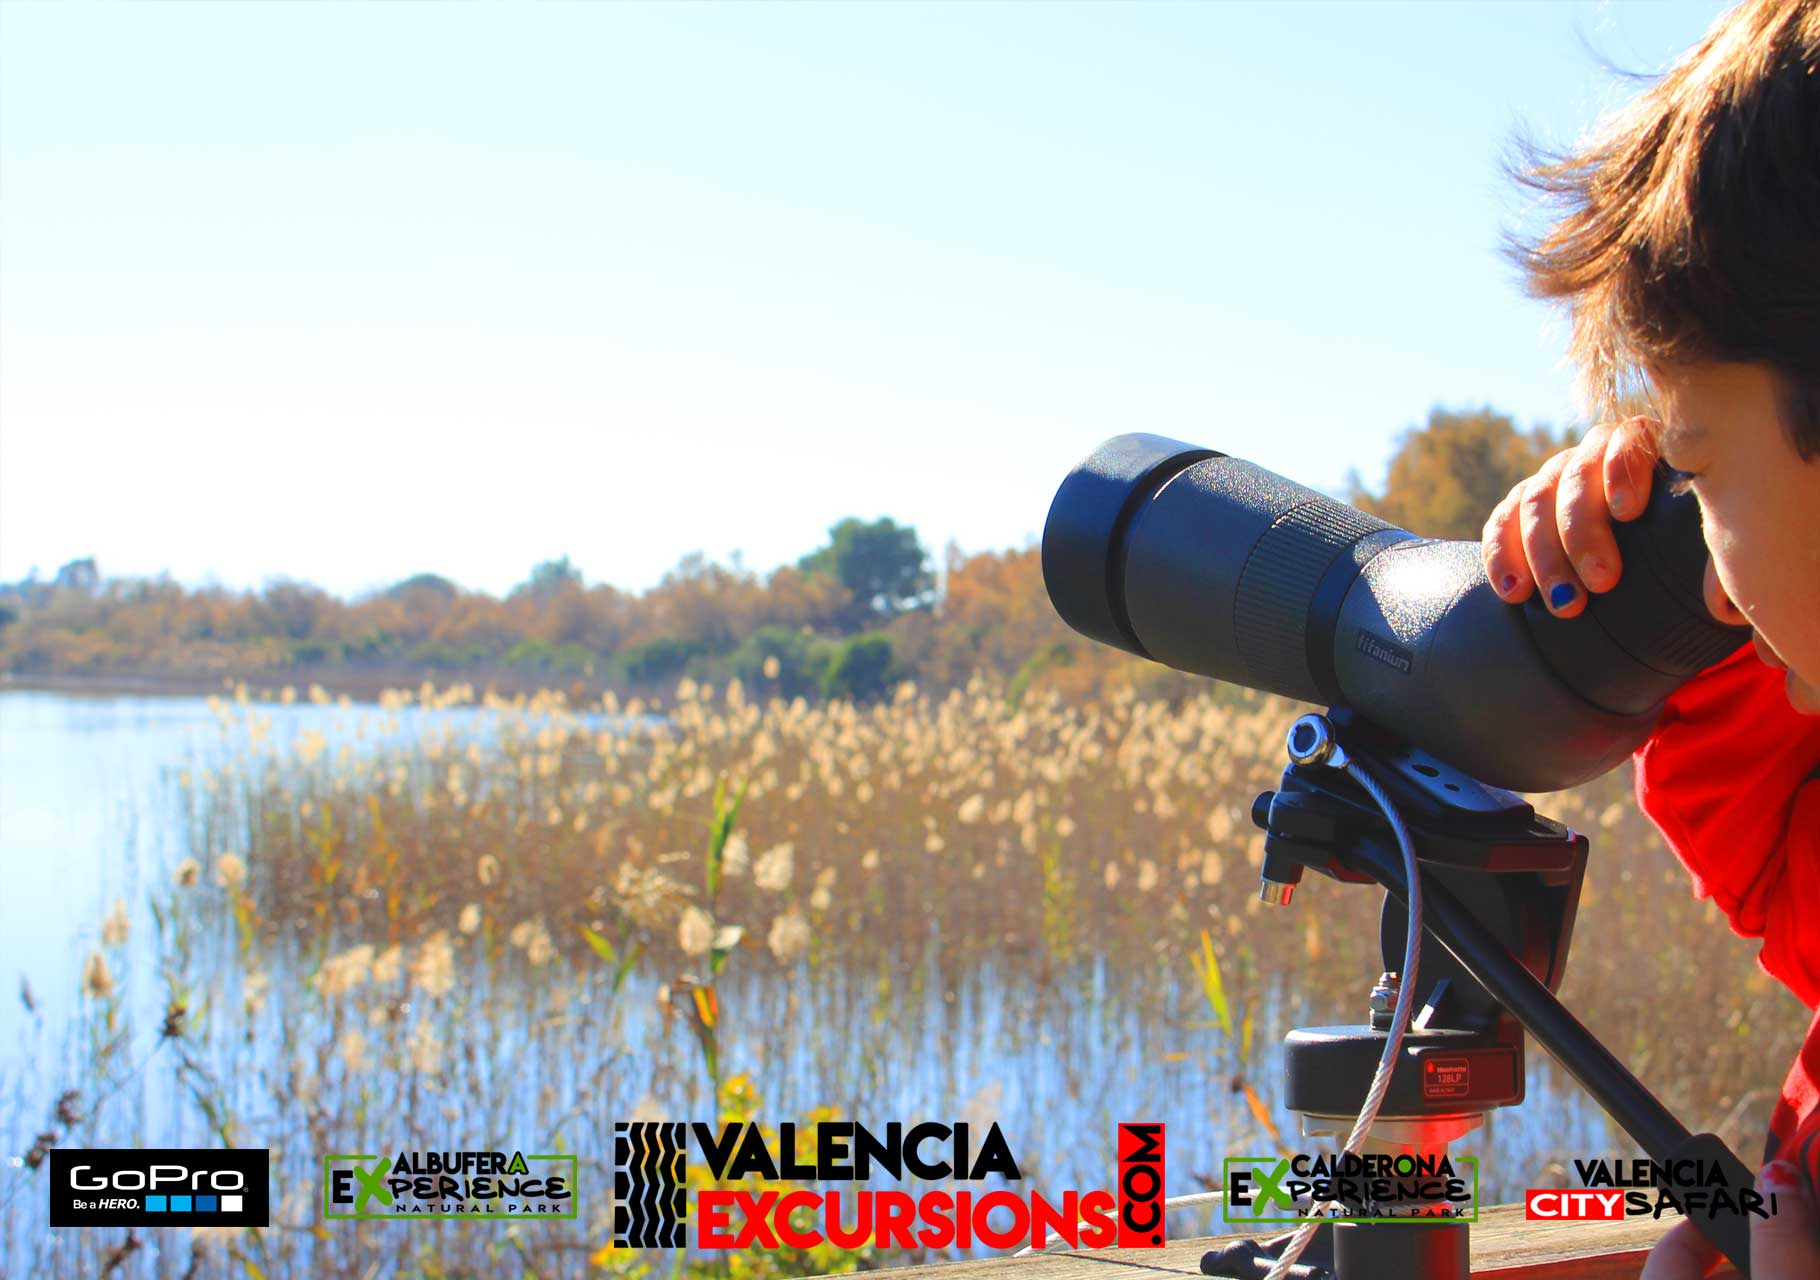 Birds of L'Albufera de Valencia. Discover the wild life in Albufera Lake with Albufera Experience jeep tour for families in Valencia www.valenciaexcursions.com